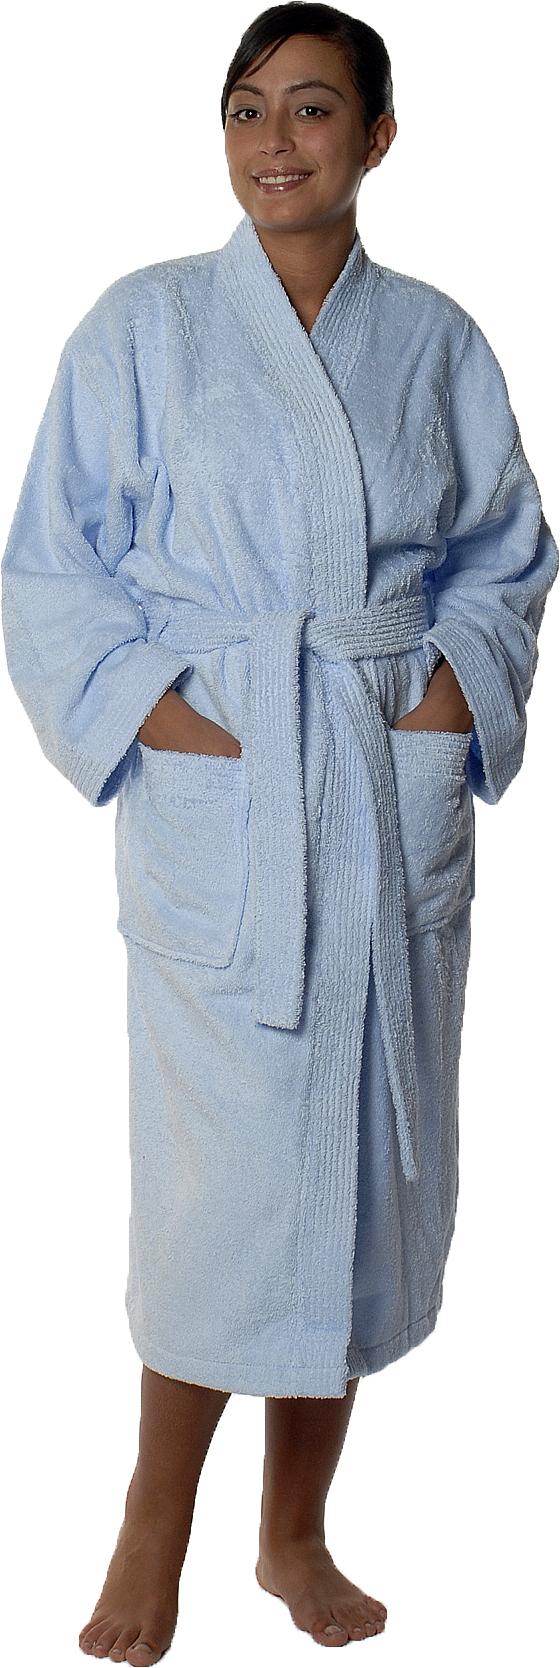 Peignoir col kimono en Coton couleur Ciel Taille XL (Ciel)